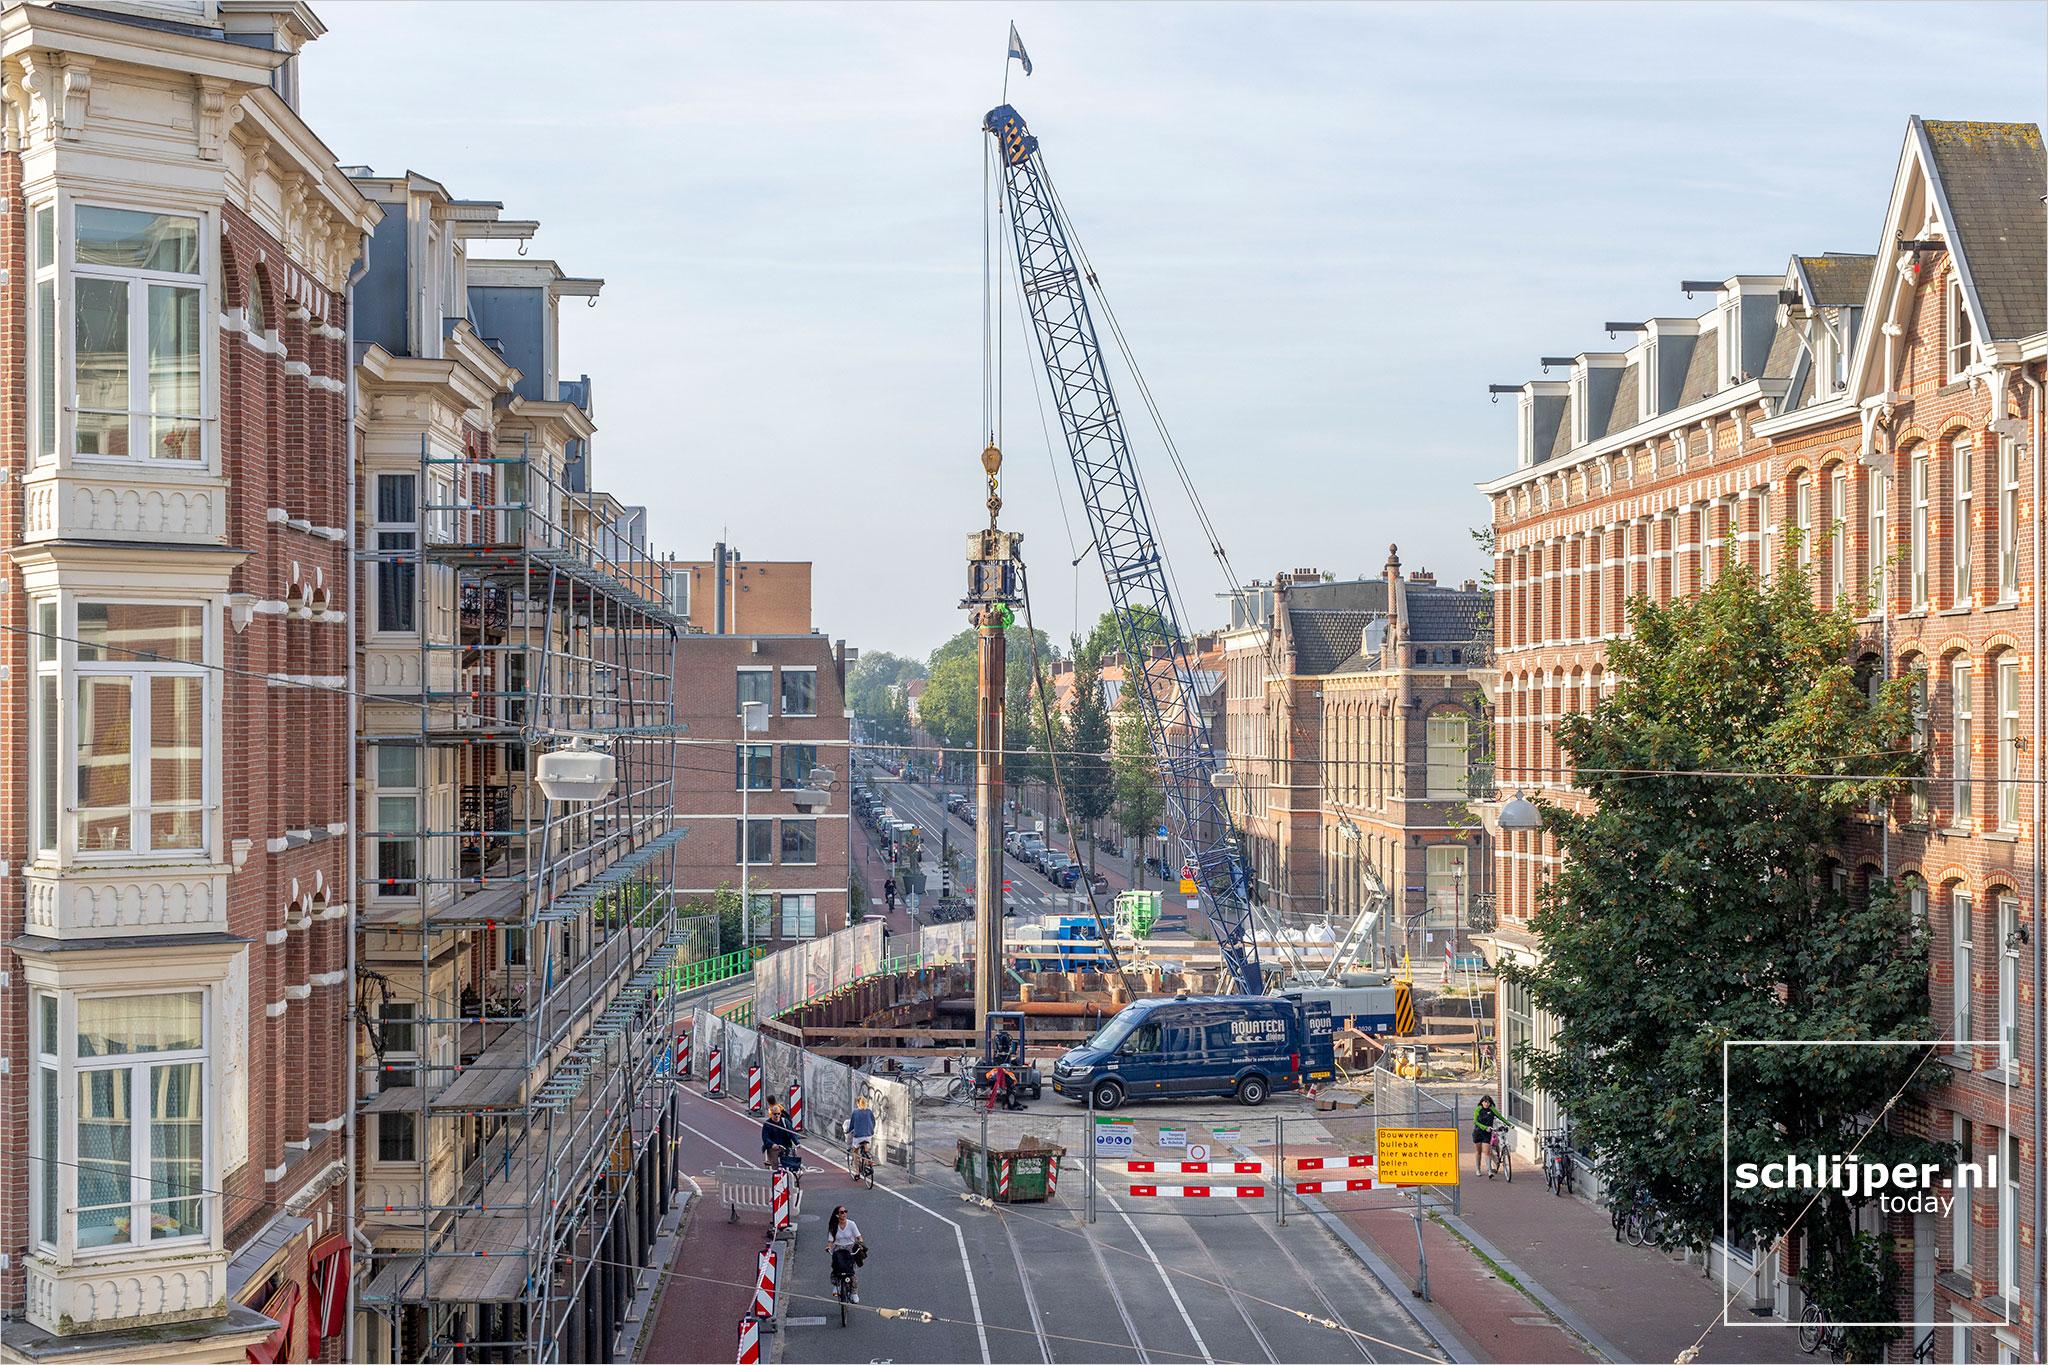 The Netherlands, Amsterdam, 6 september 2021